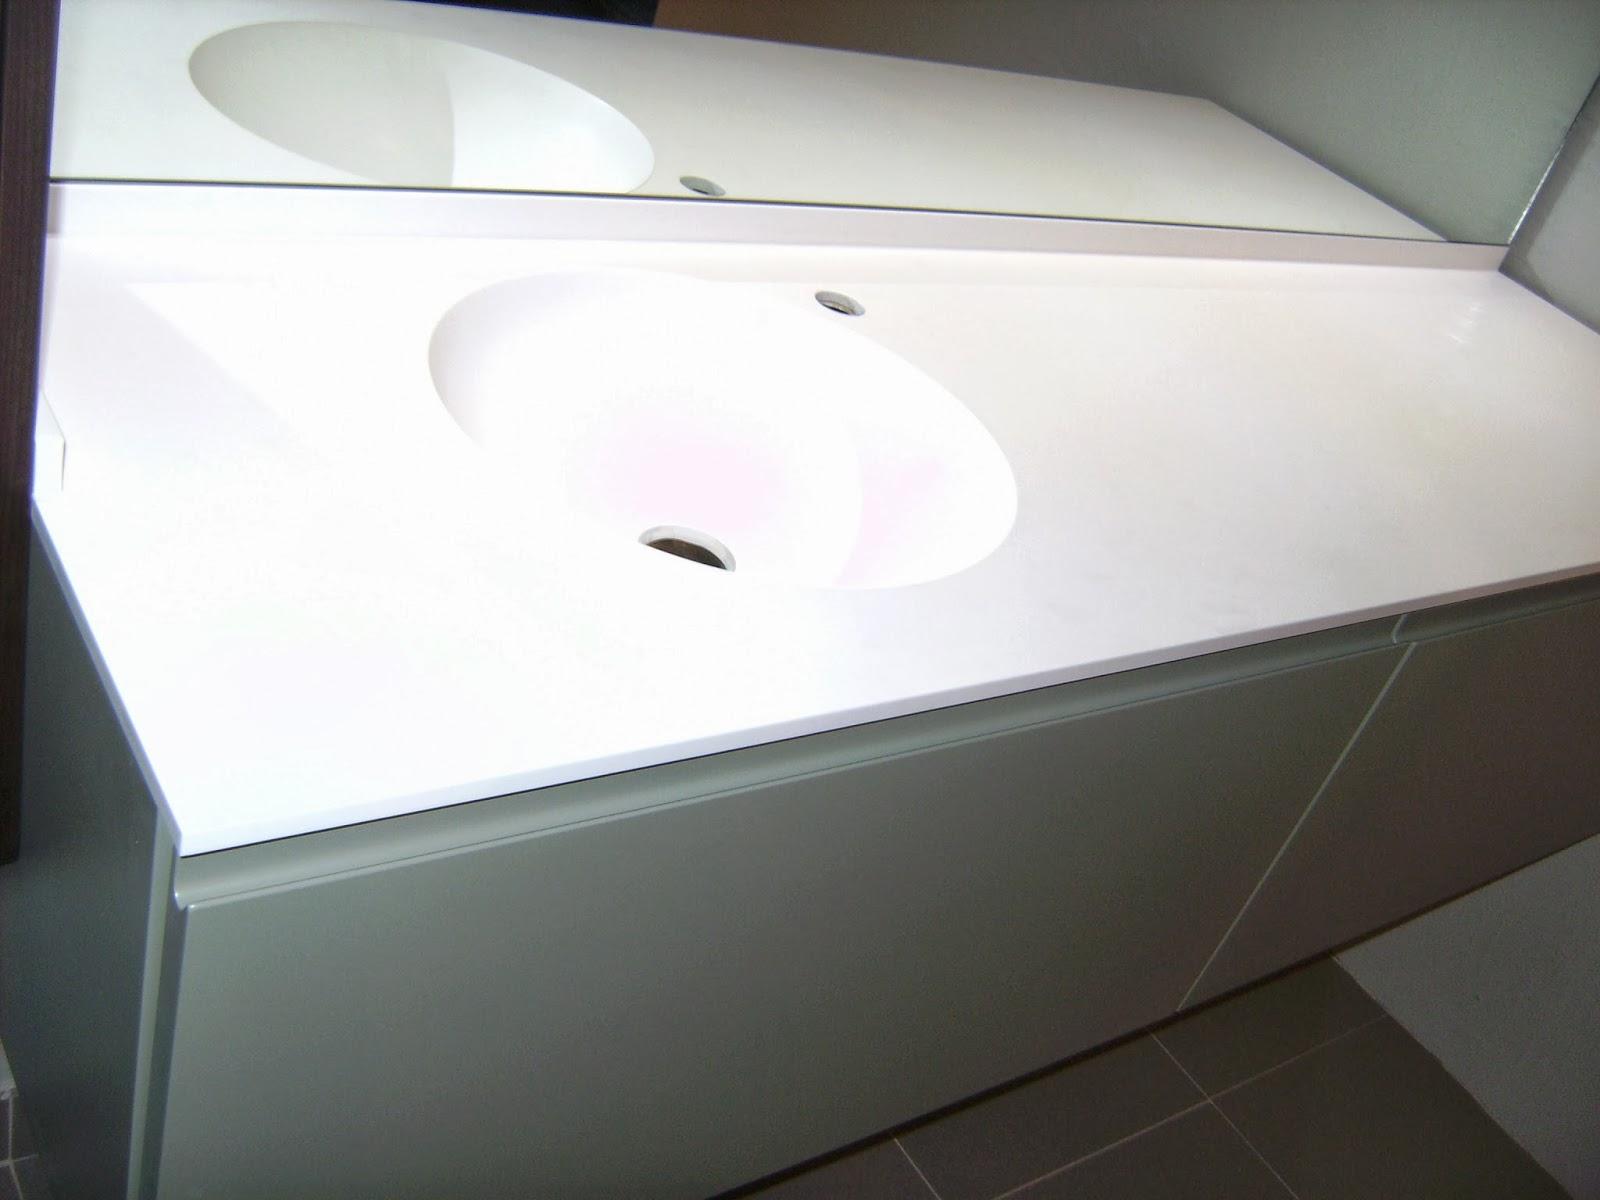 Encimeras Baño Krion:Encimera para muebles de baño con lavabo redondo